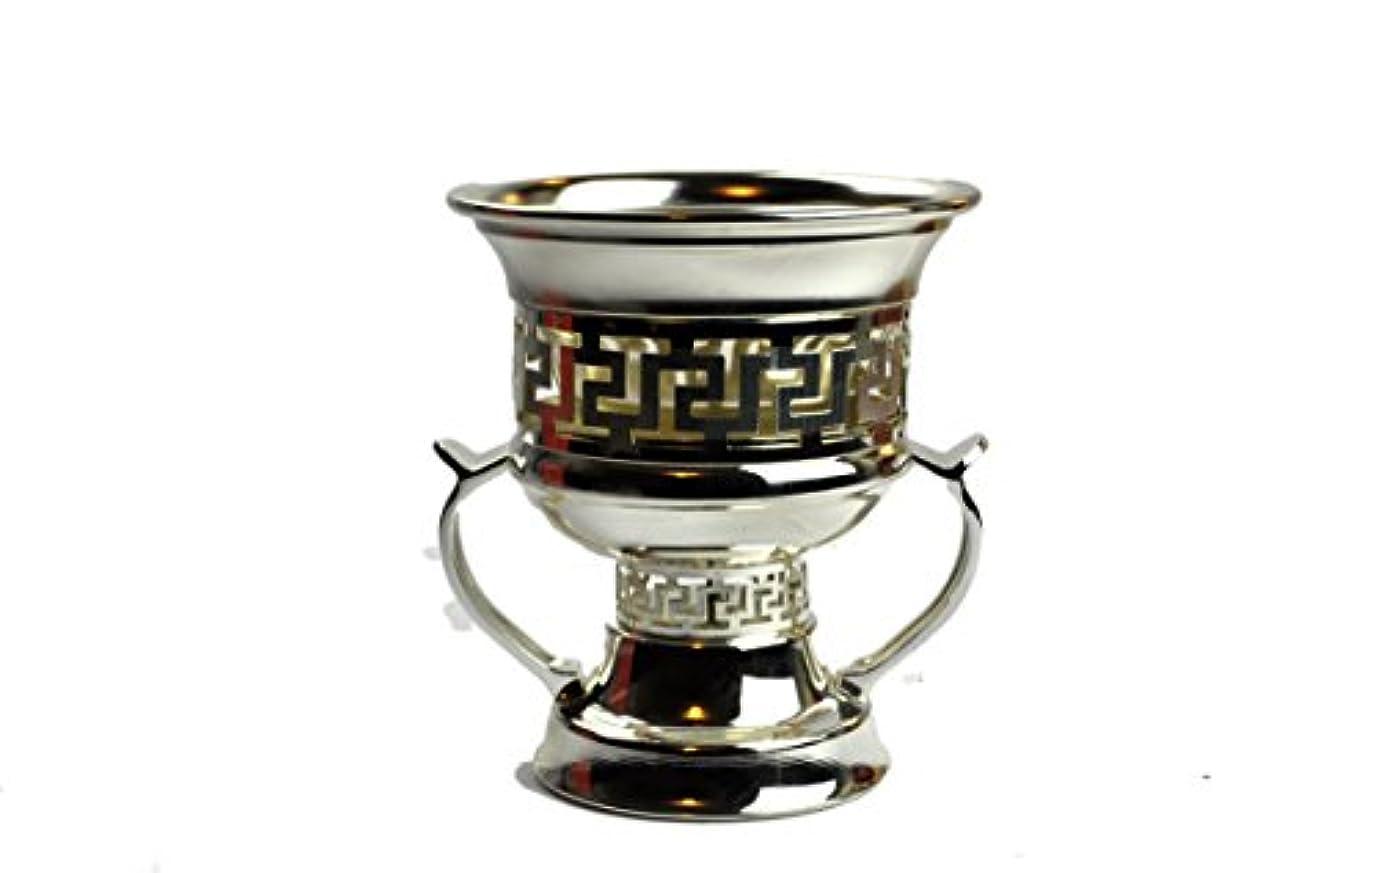 少なくとも週間薄いですArabia Incense / bakhoor Burner ( Mabkhara ) – Oud Burner、メタル、トレイInside - 5インチ。 – USA Seller 9inc. シルバー